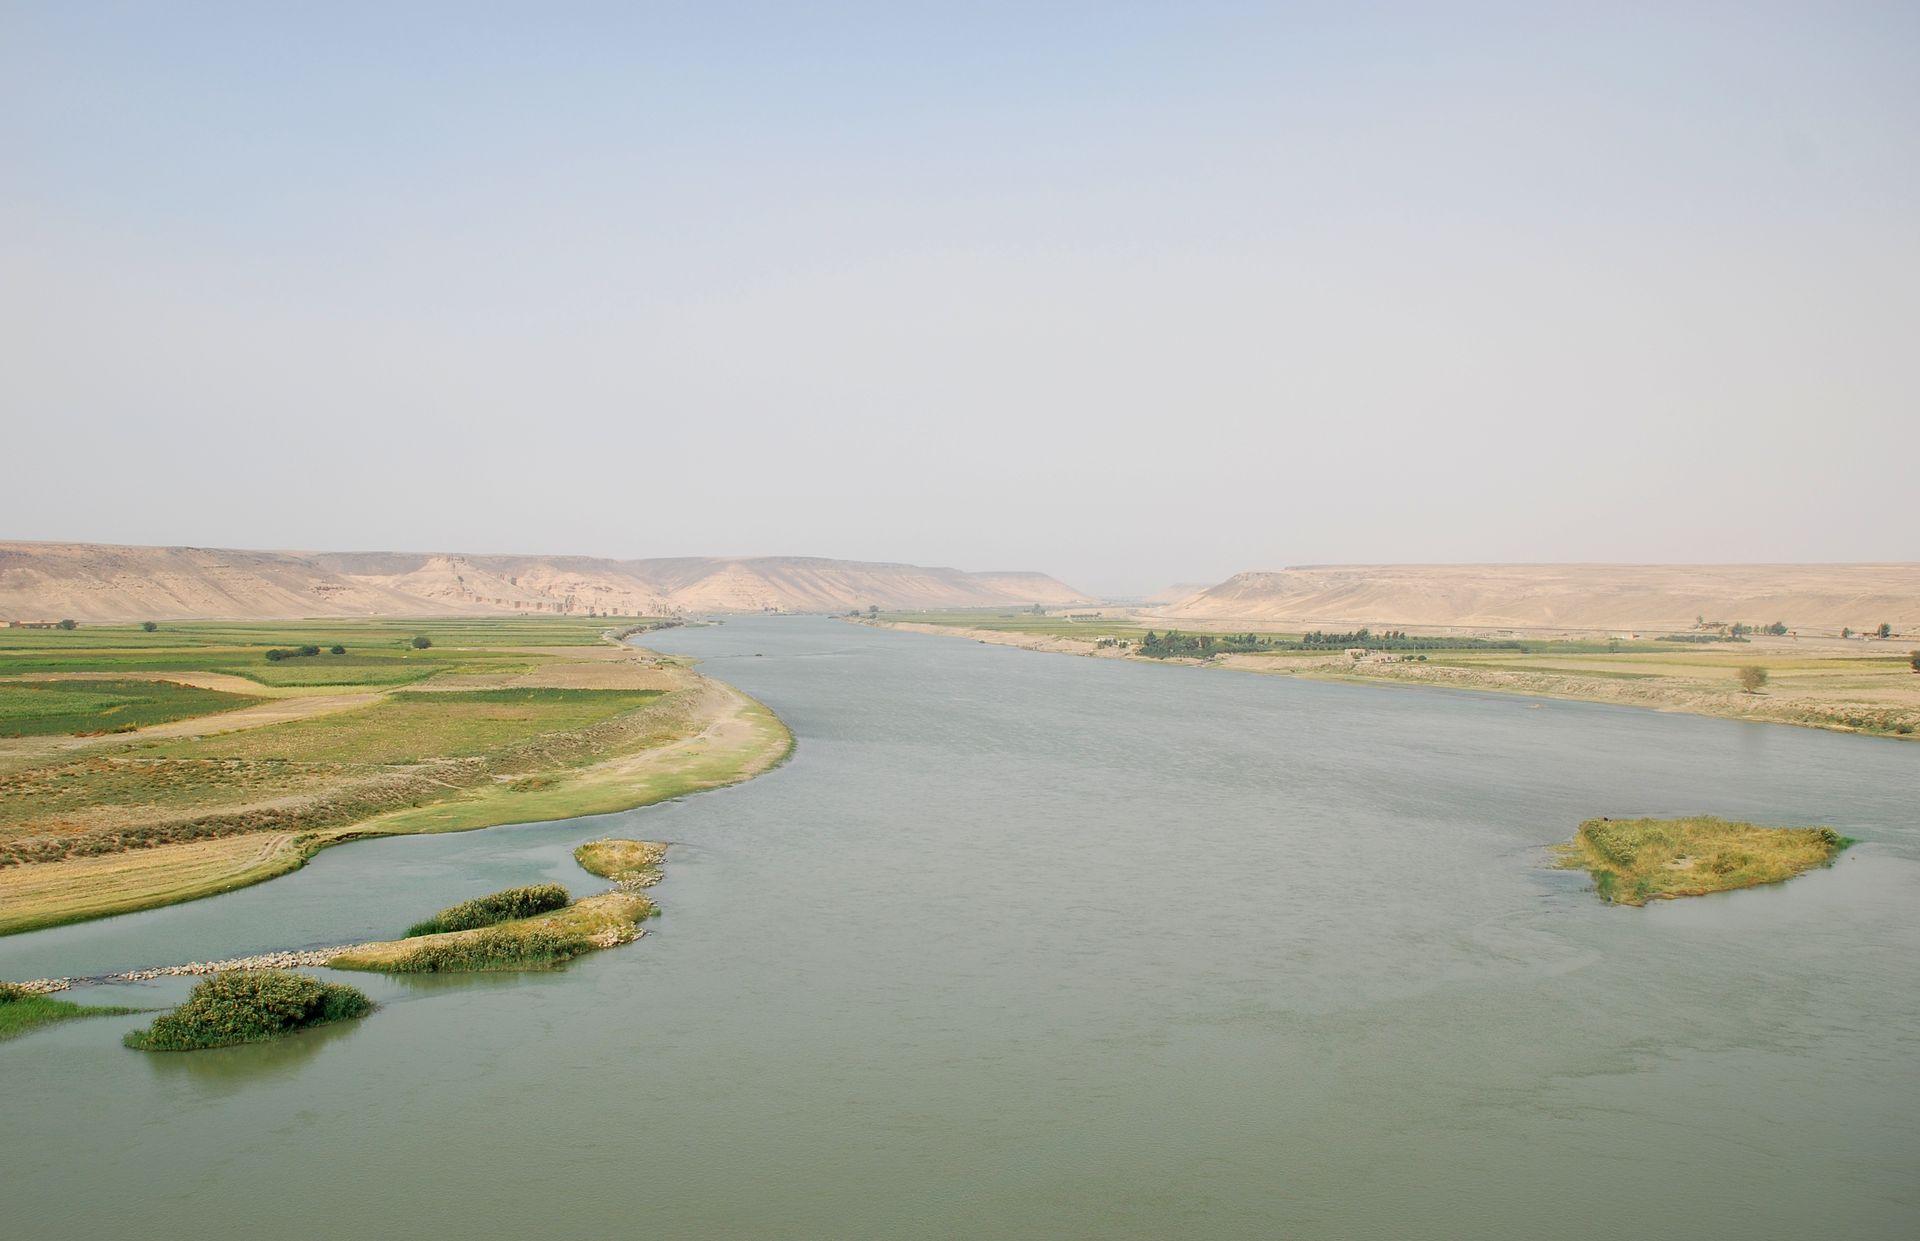 上图:靠近叙利亚Halabiye附近的幼发拉底河(Euphrates),河的左岸是Zalabiye考古遗址。幼发拉底河在圣经中也被称为伯拉河(Perath)、伯拉大河、大河,发源于土耳其境内的安纳托利亚山区,依赖雨雪补给,流经叙利亚和伊拉克,注入波斯湾。幼发拉底河与其东面的底格里斯河形成的两河流域,被称为美索不达米亚(Mesopotamia),是重要的古代文明起源地。由于河水带来的沙泥把河床不断填高,最终使两河的河口不断南移,现在下游合流在一起,称为阿拉伯河。